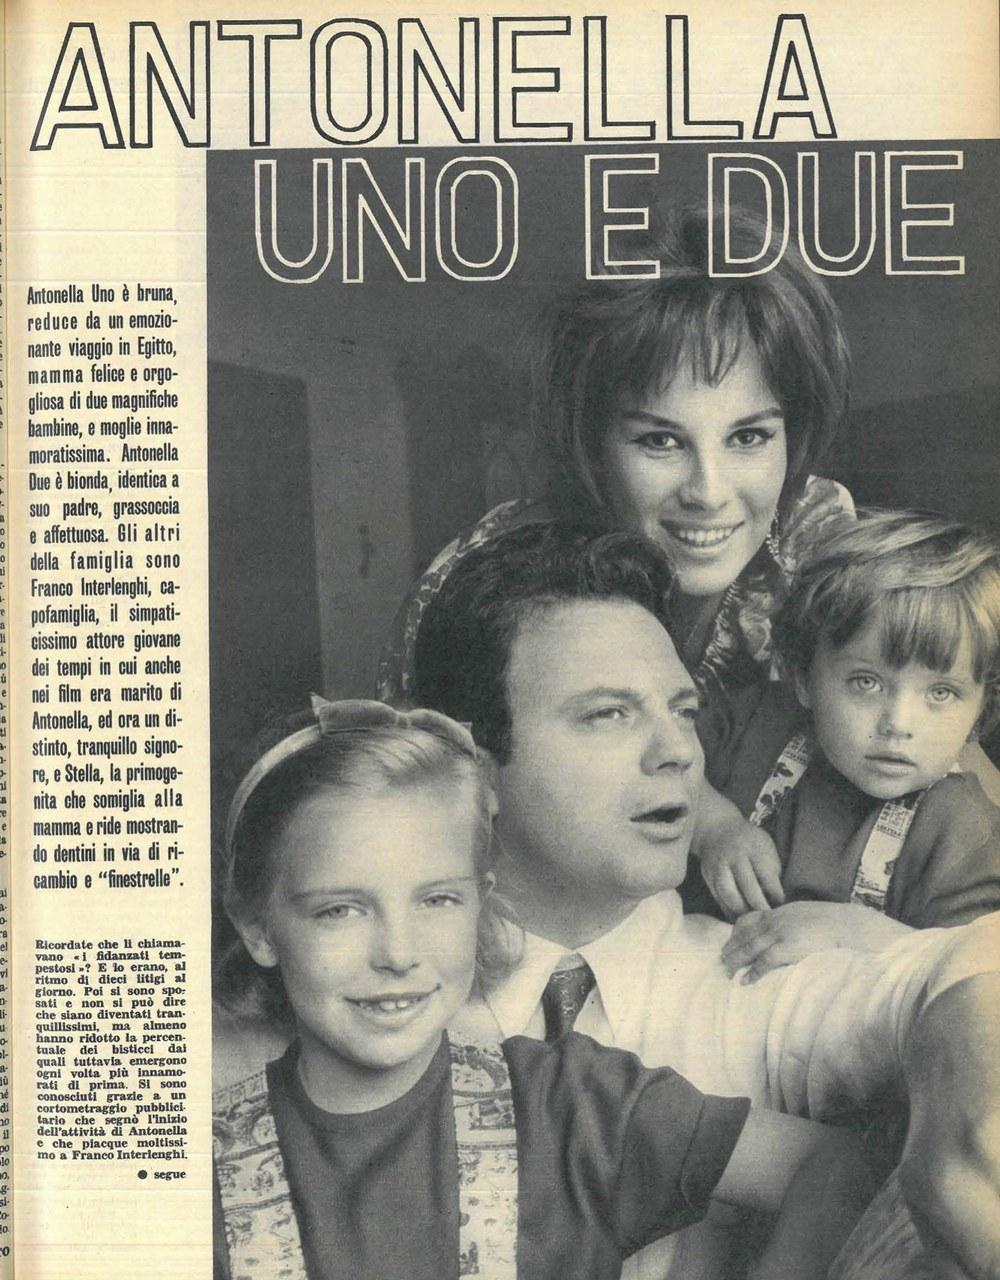 La famiglia Interlenghi sulle pagine della rivista Così, 1963